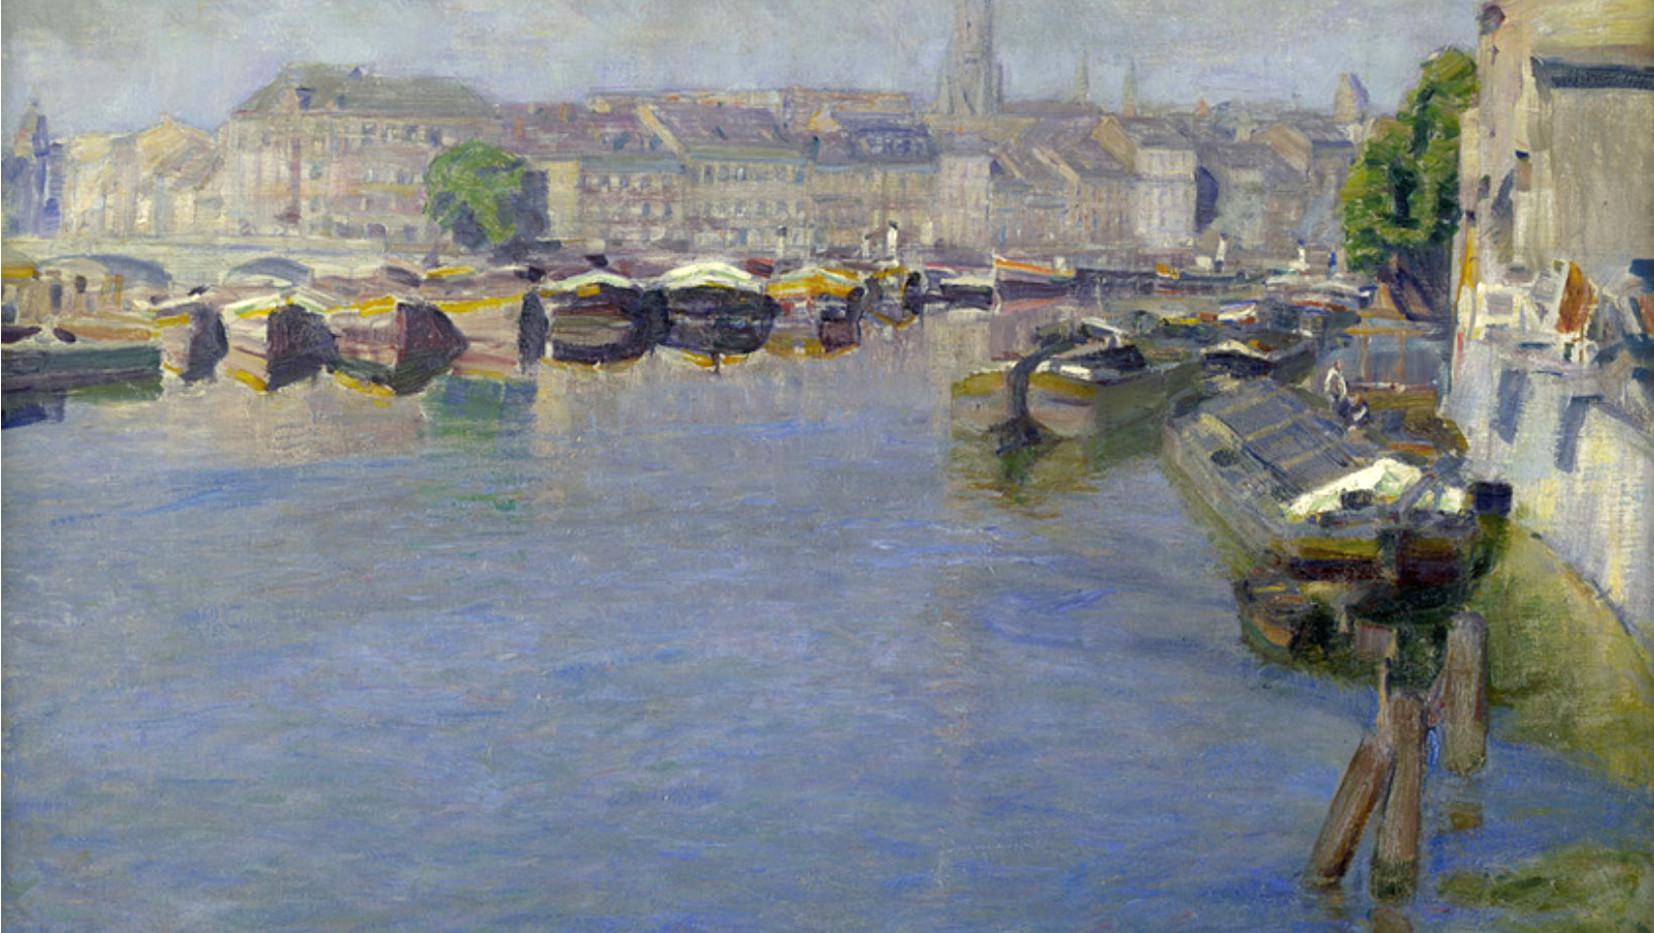 Otto Heinrich, ca. 1912, Blick auf Inselbrücke und Fischerinsel